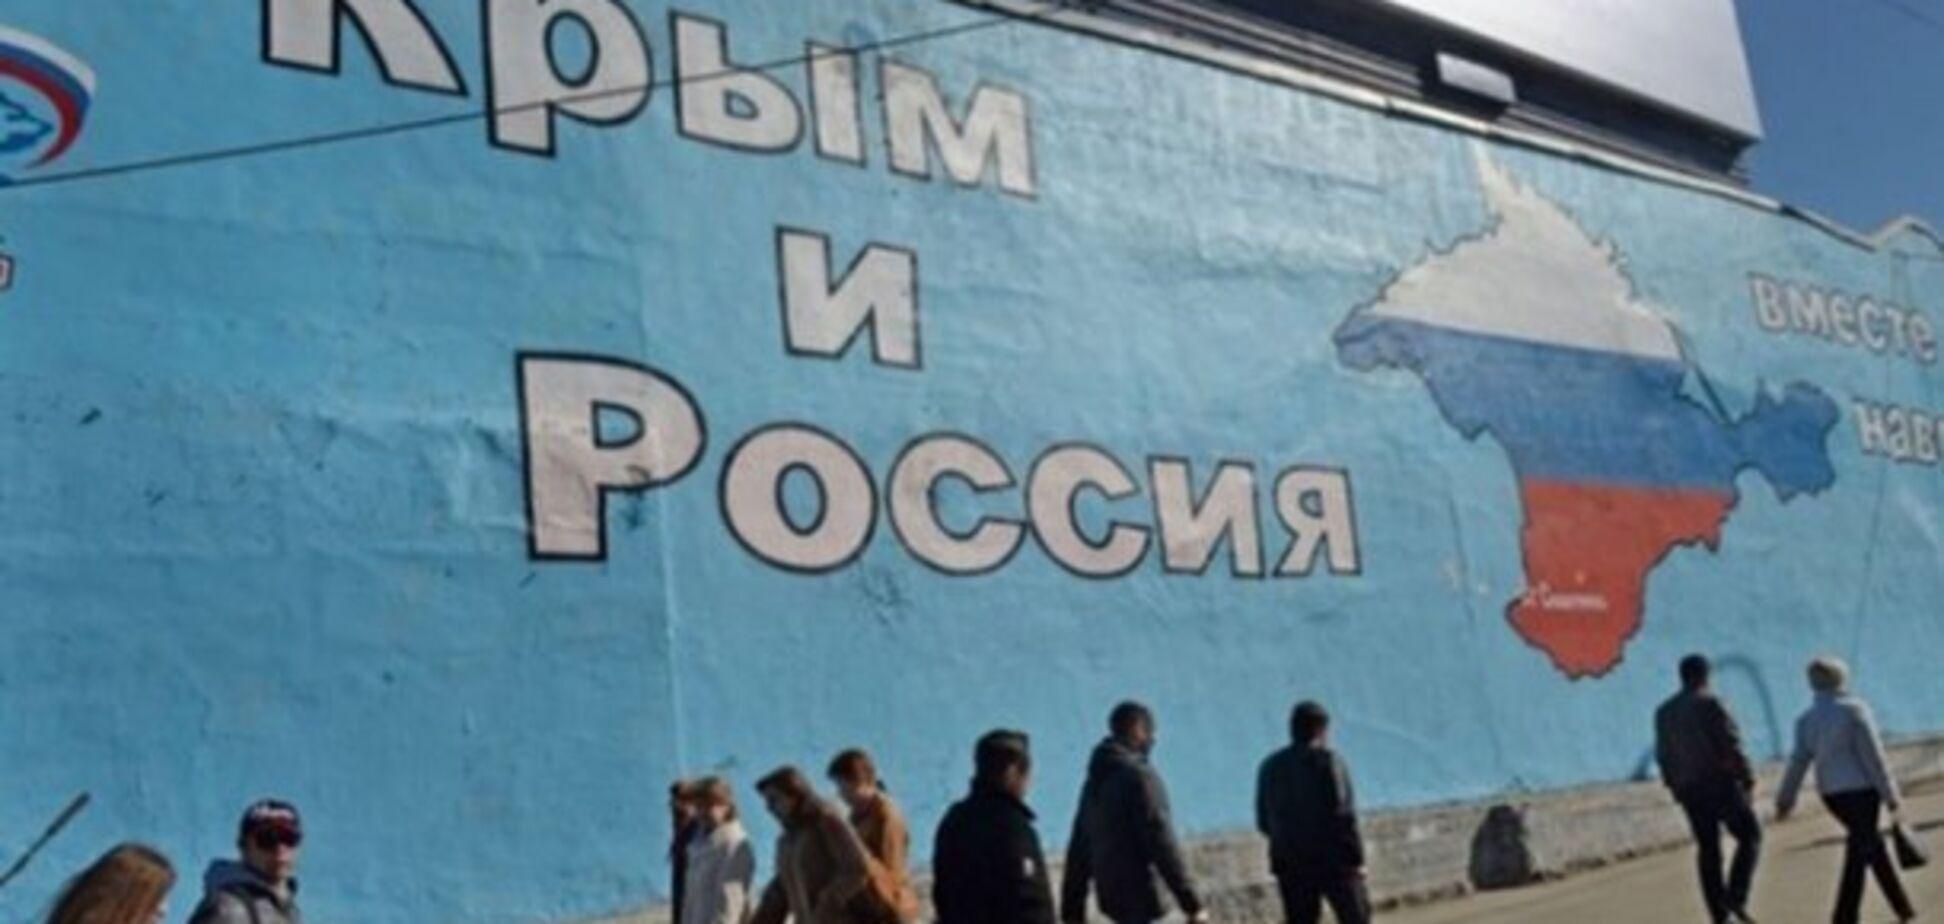 ''Ми поза політикою'': укладачі Книги рекордів Гіннеса відповіли на ''російський'' Крим